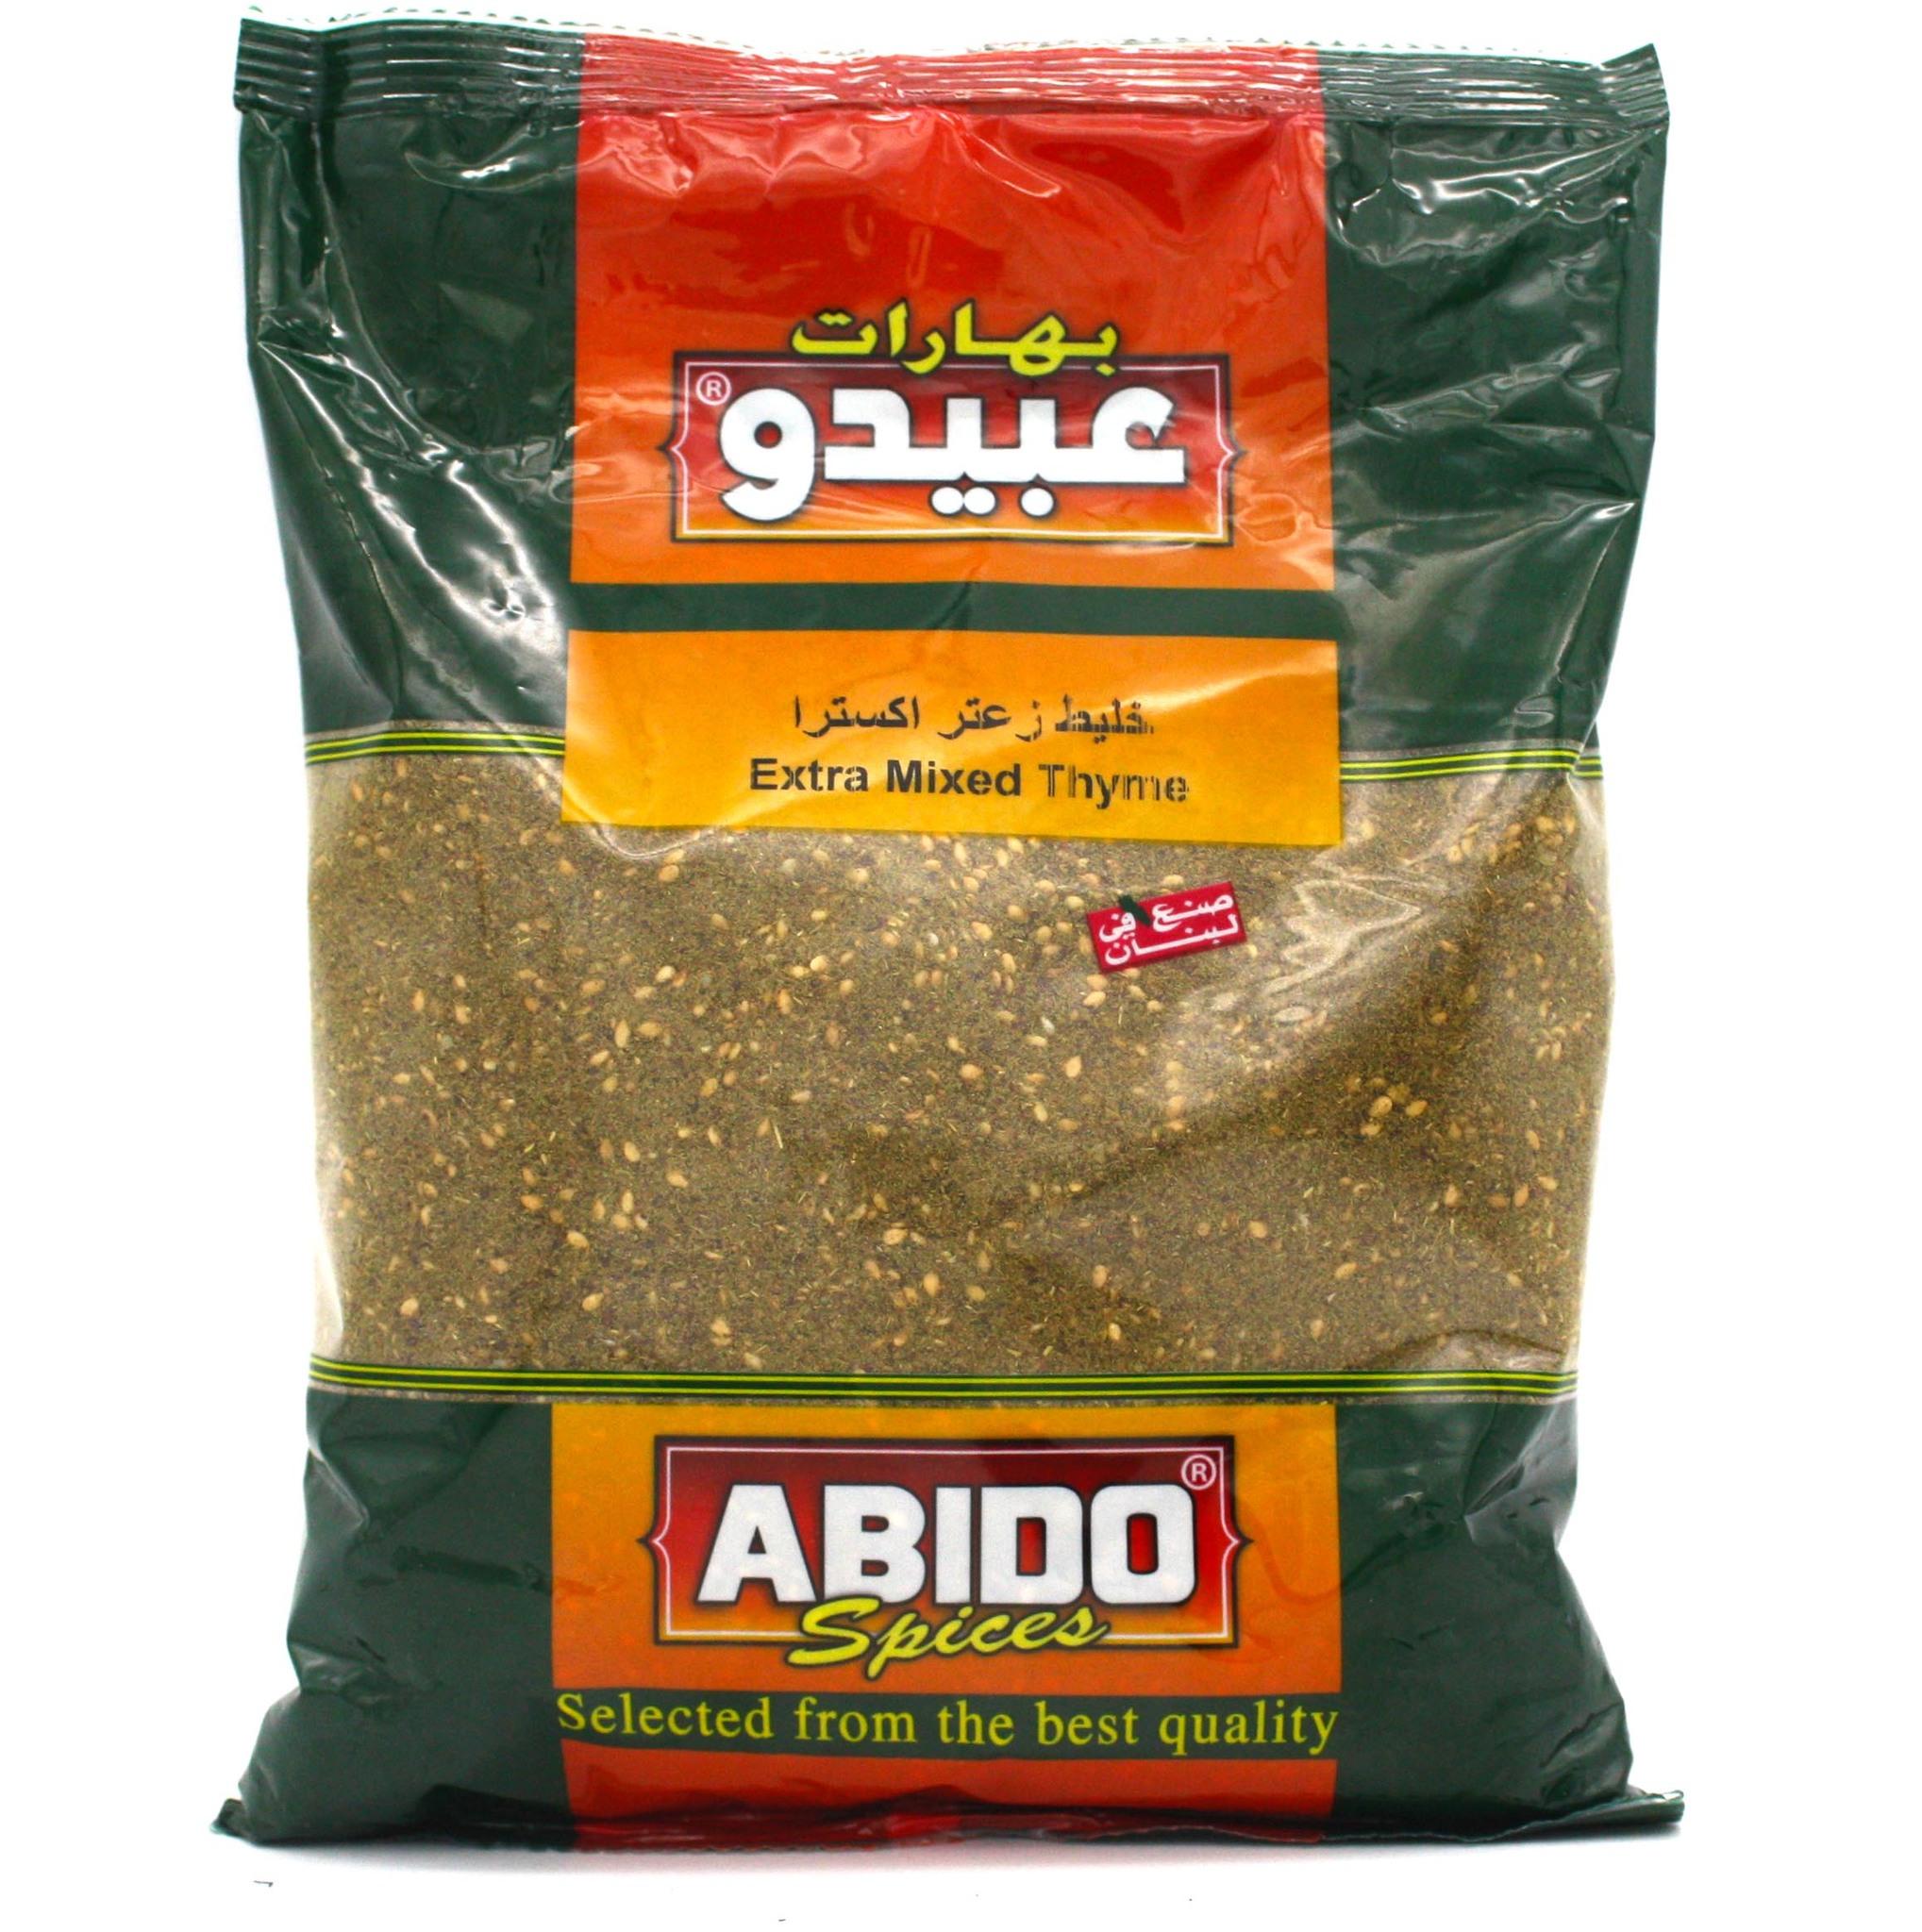 Специи Затар Extra Mixed Thyme, Abido Spices, 500 г import_files_e9_e9356ff3385211e9a9a6484d7ecee297_e32b214e399511e9a9a6484d7ecee297.jpg